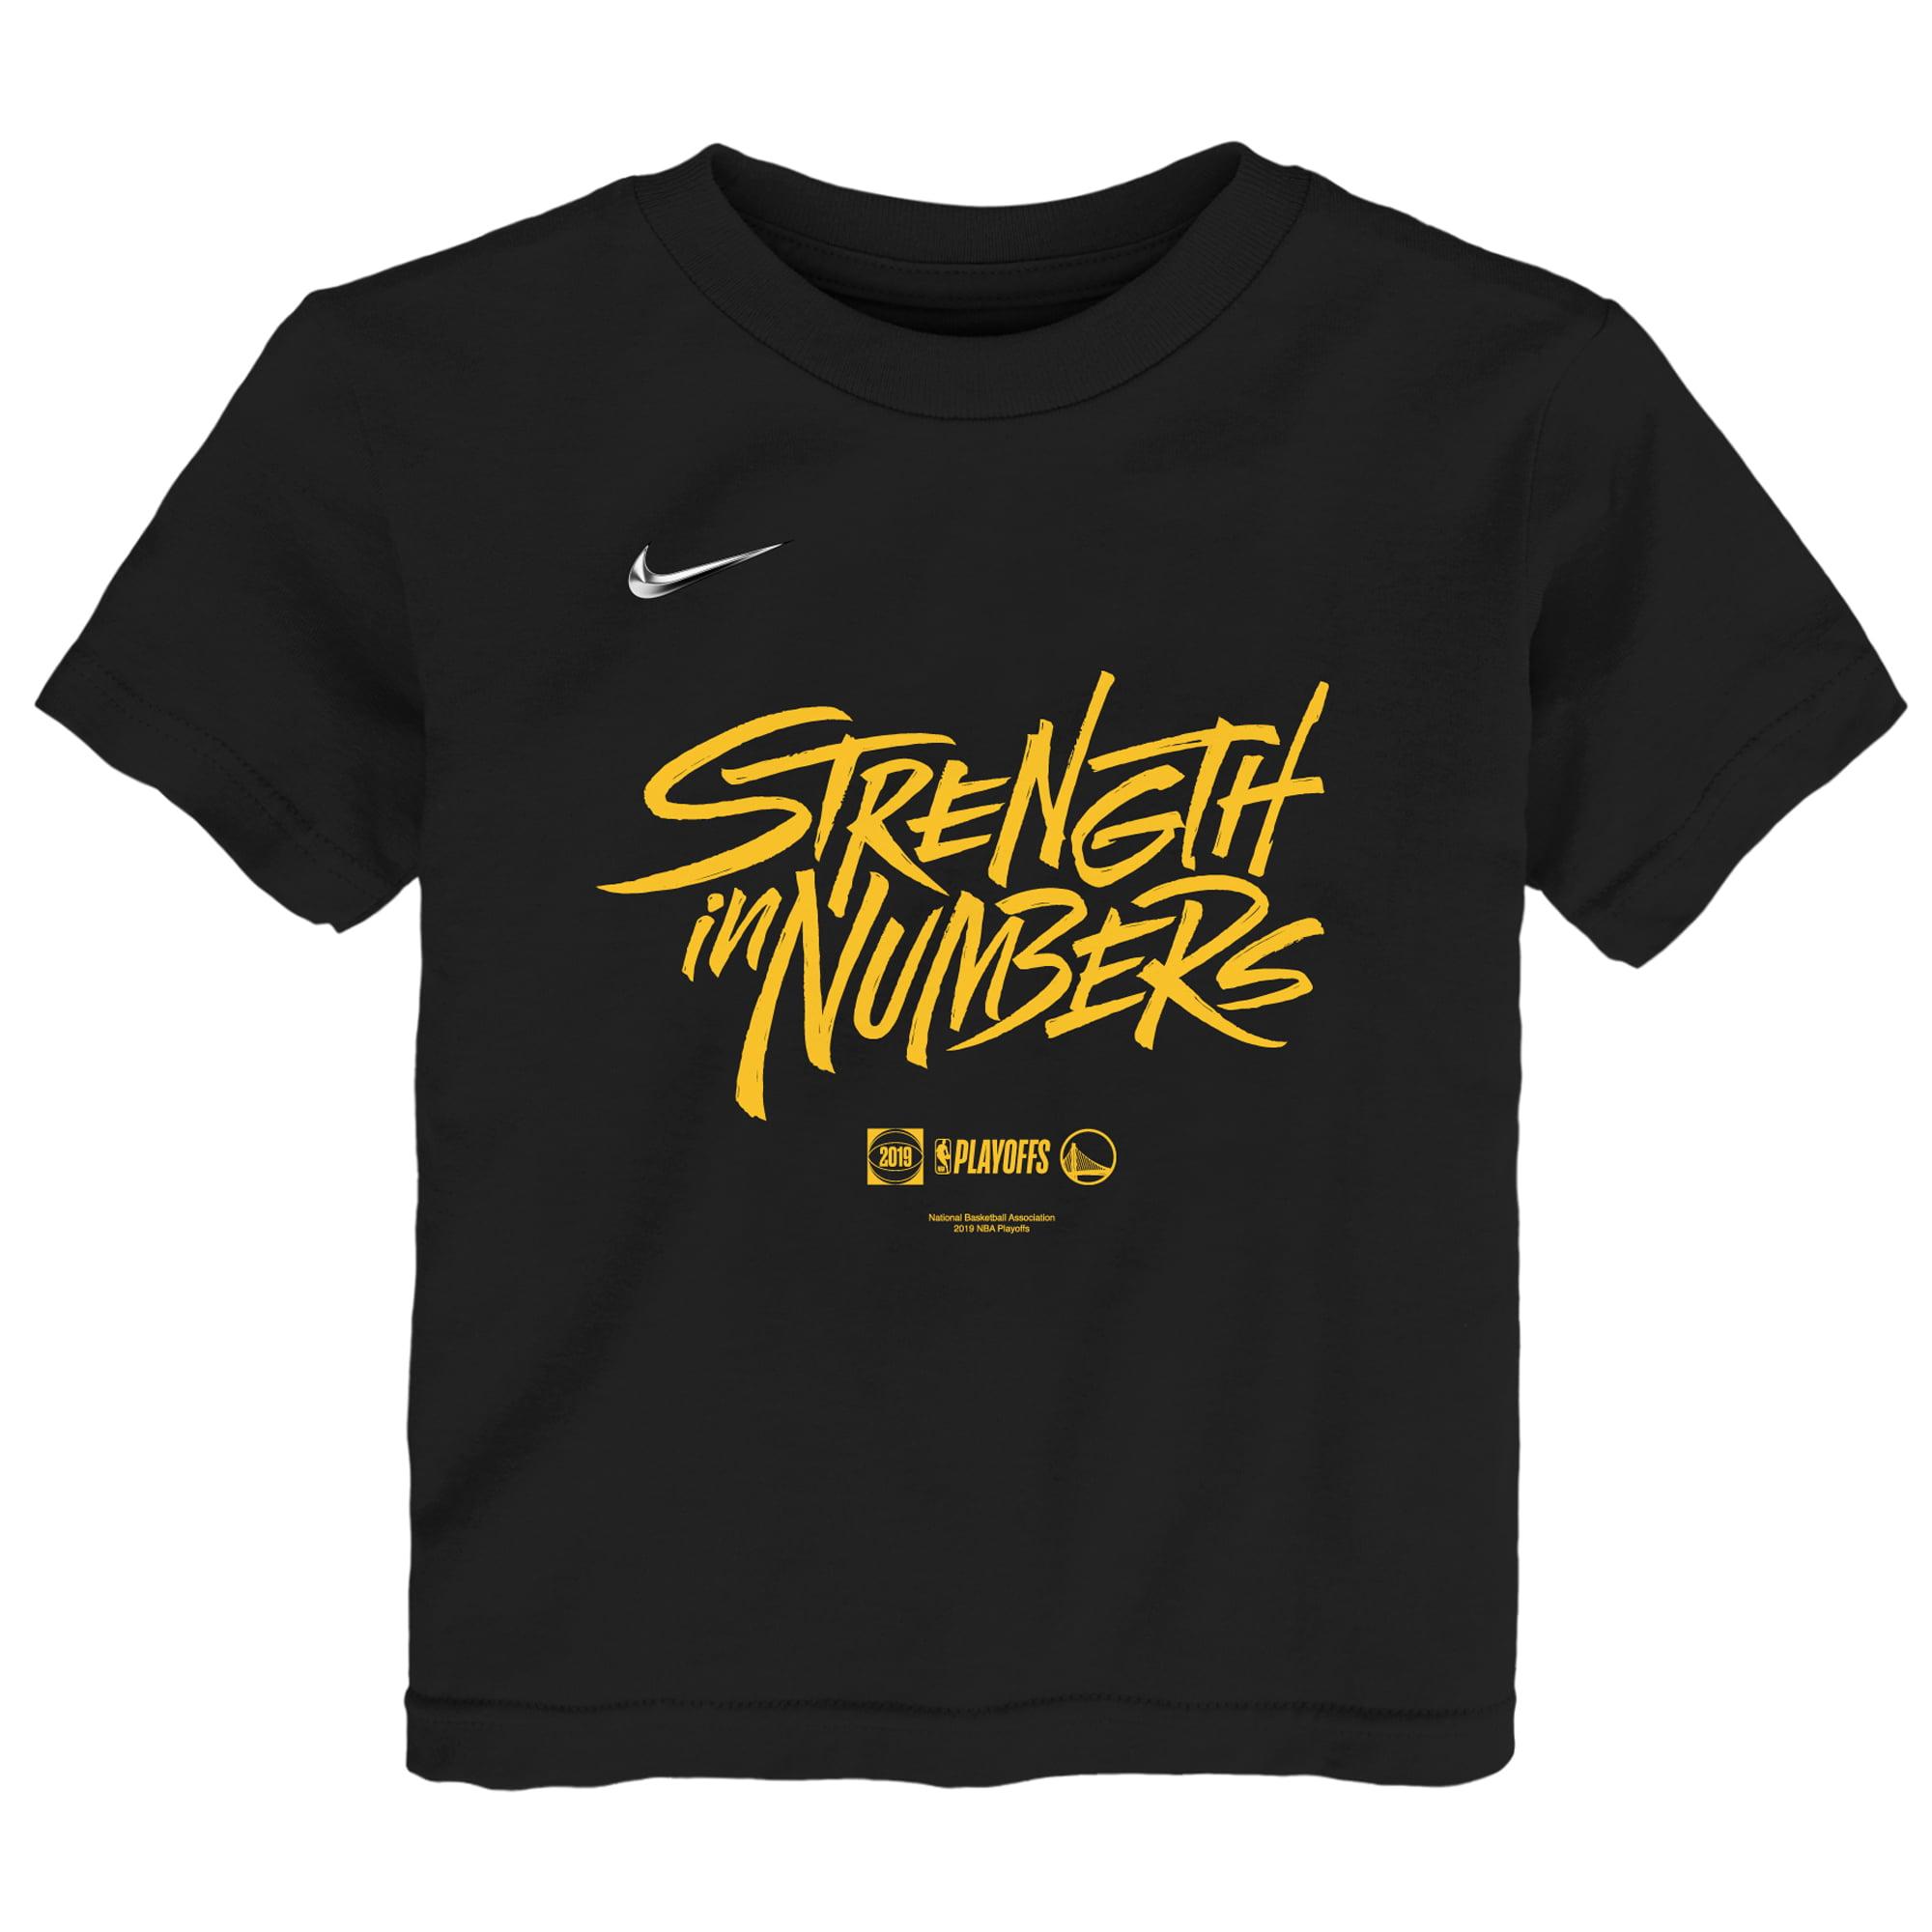 e15ab983fca3 Golden State Warriors Team Shop - Walmart.com